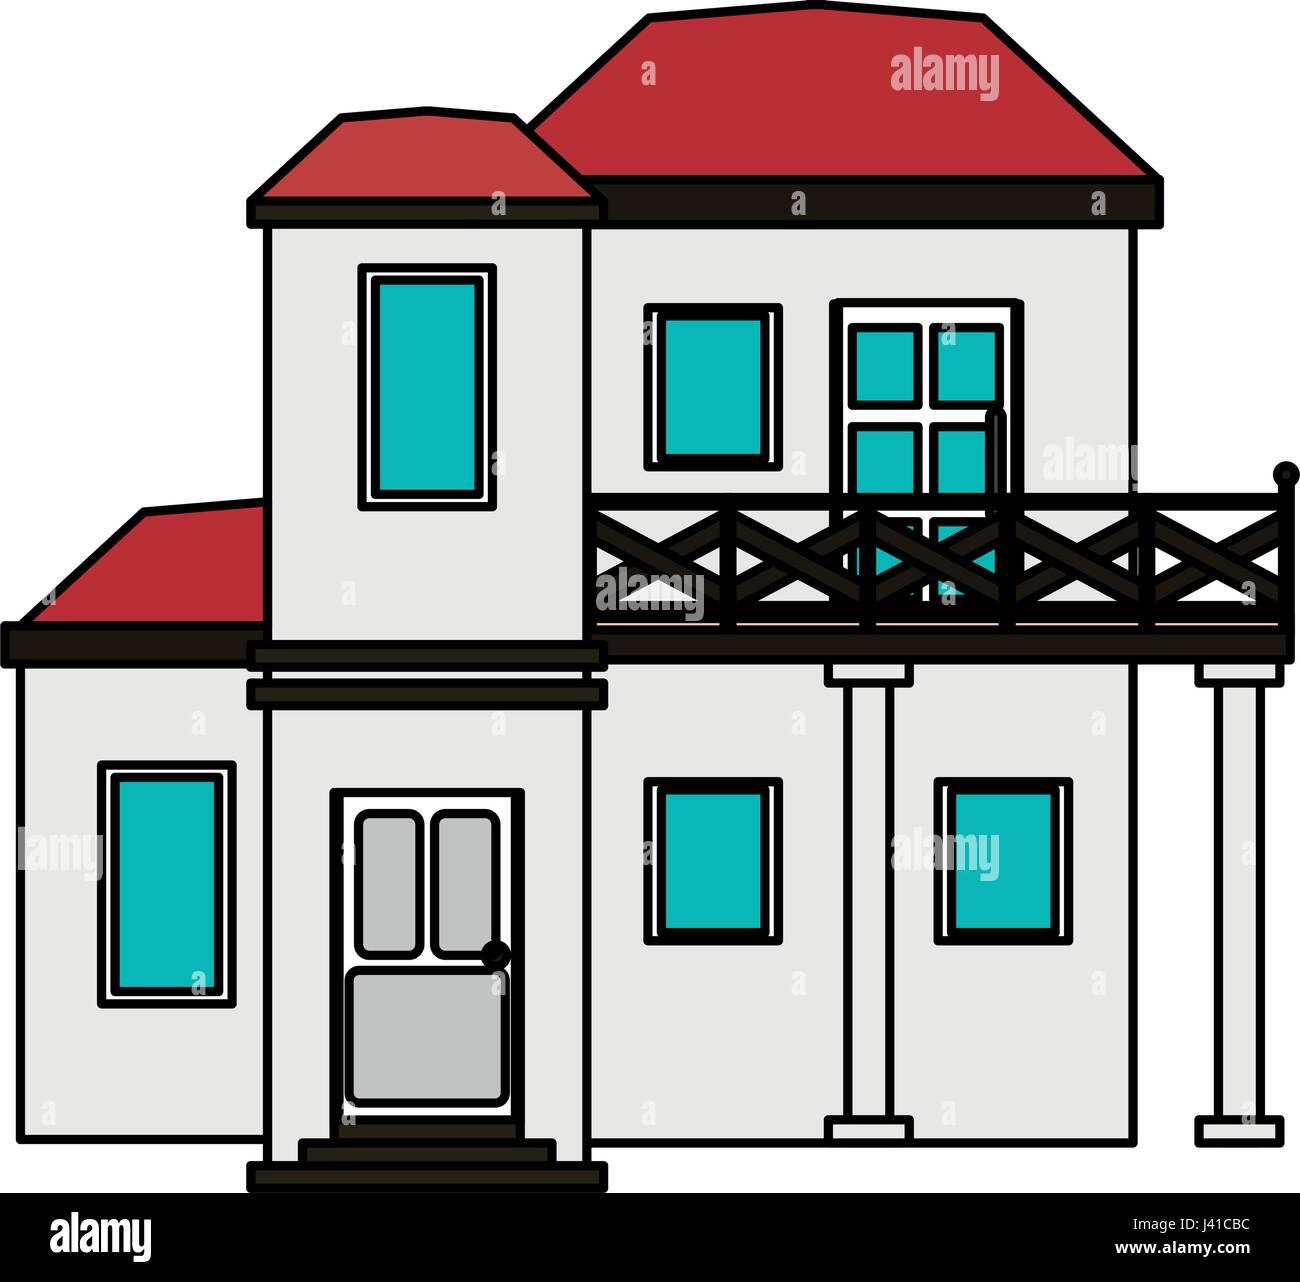 Imagen colorida fachada moderna casa estilo de dibujos for Casa moderna vector